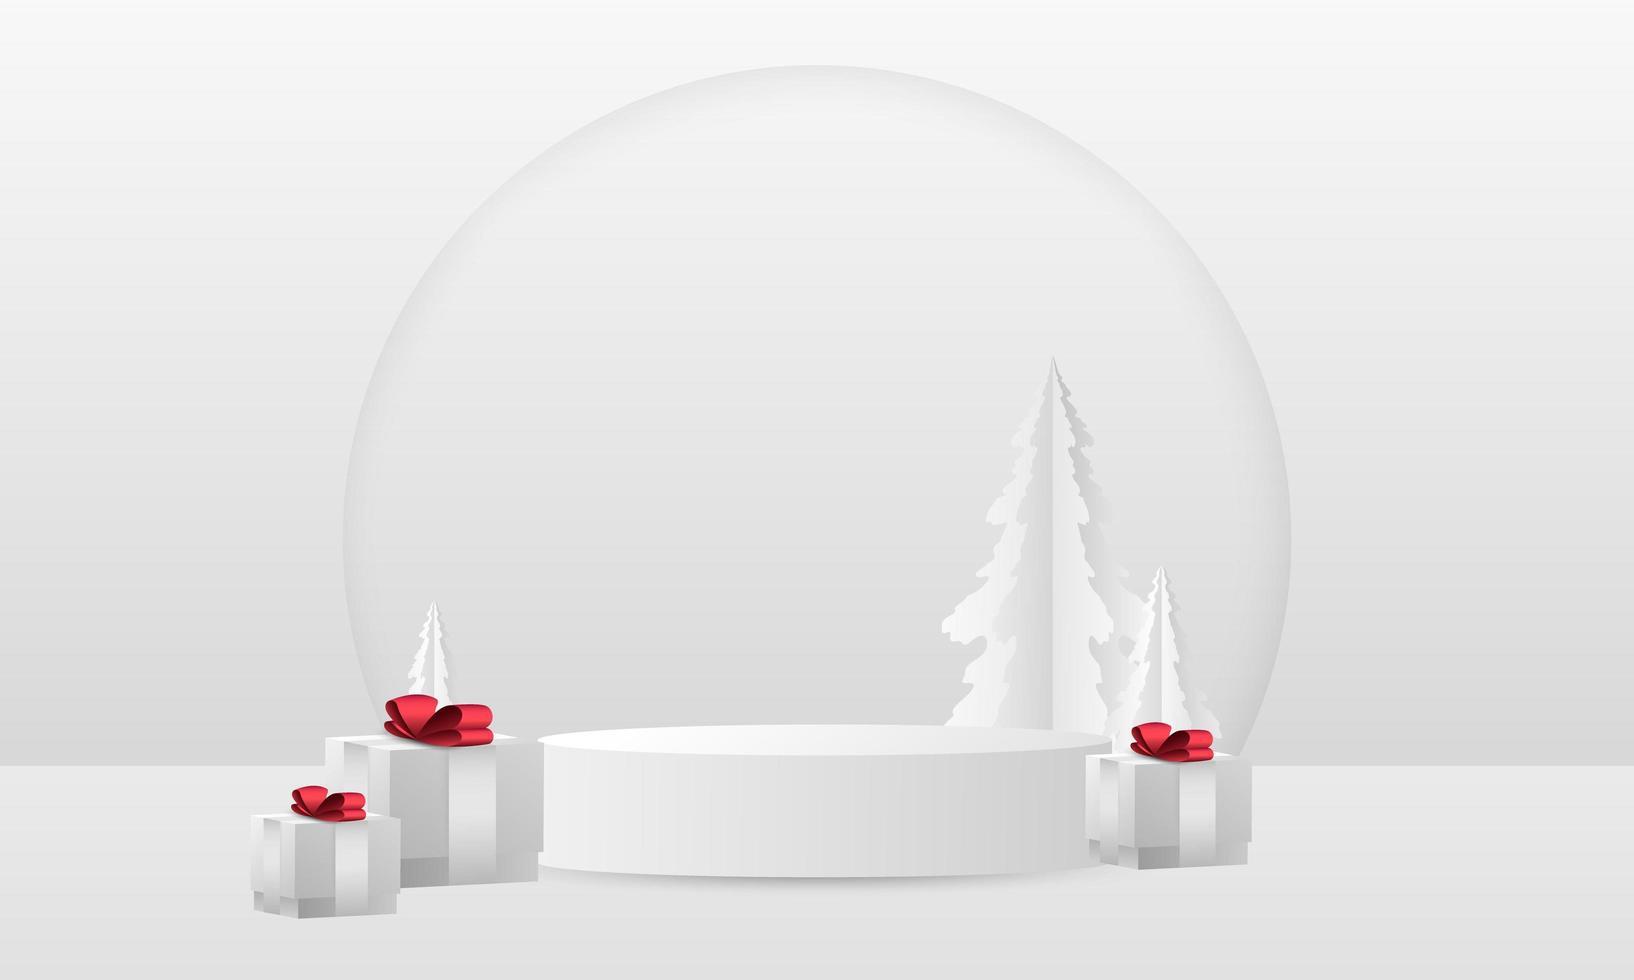 julklapp abstrakt element som kan användas för omslag dekoration håna bakgrund vektor